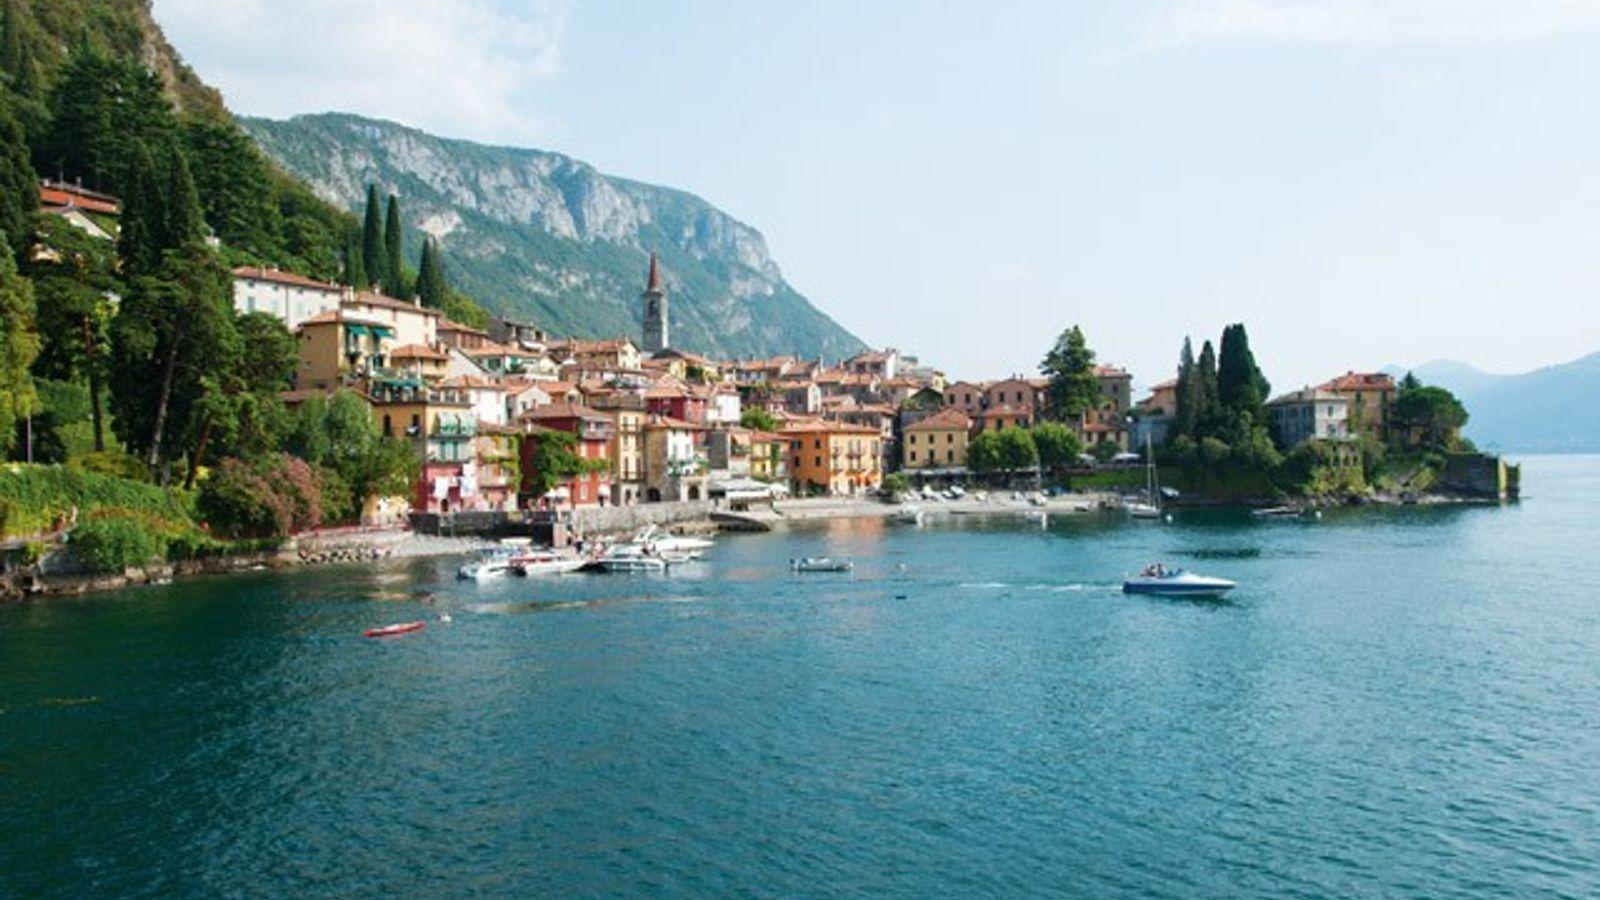 Varenna waterfront, Lake Como